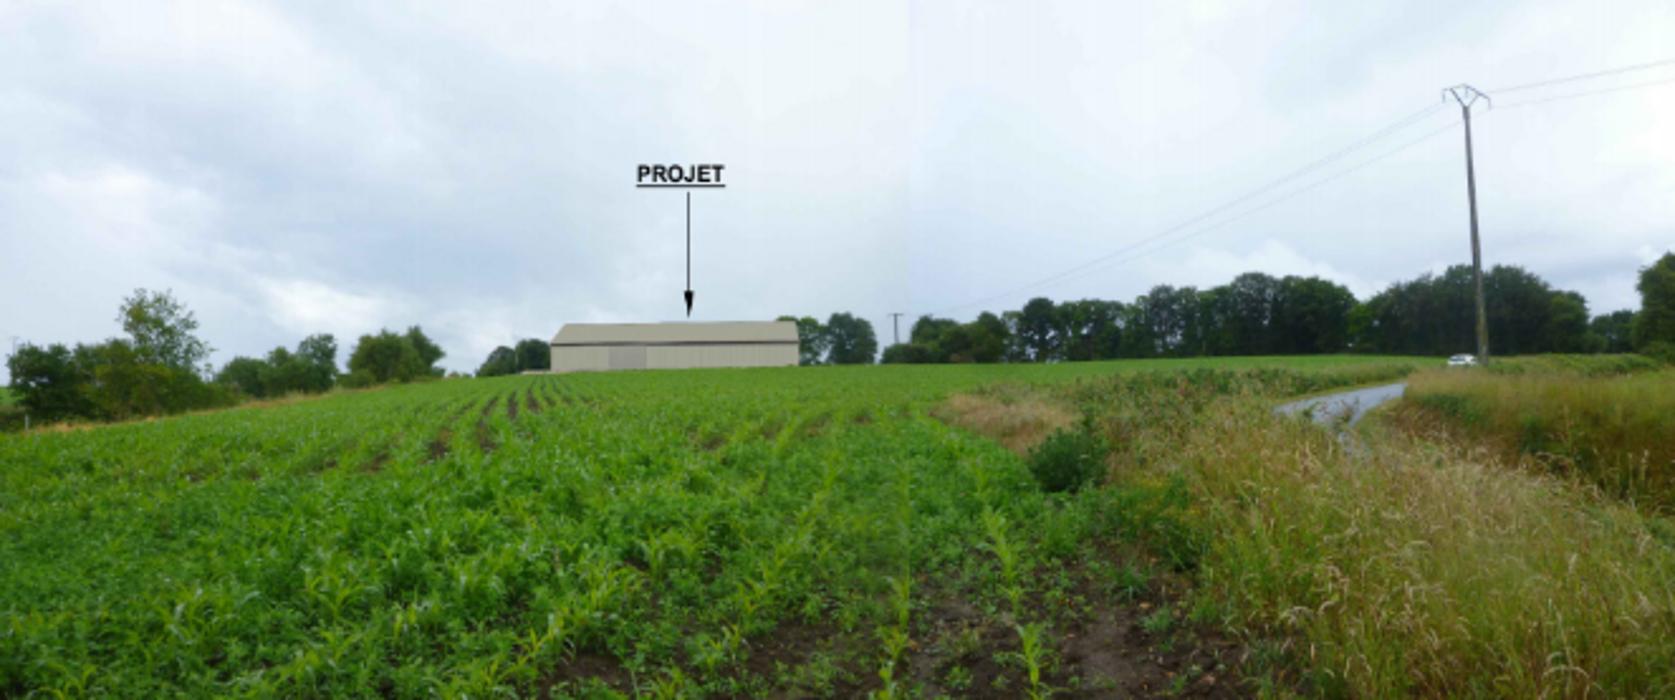 Projet construction d''un hangar agricole - Secteur Langonnet 0